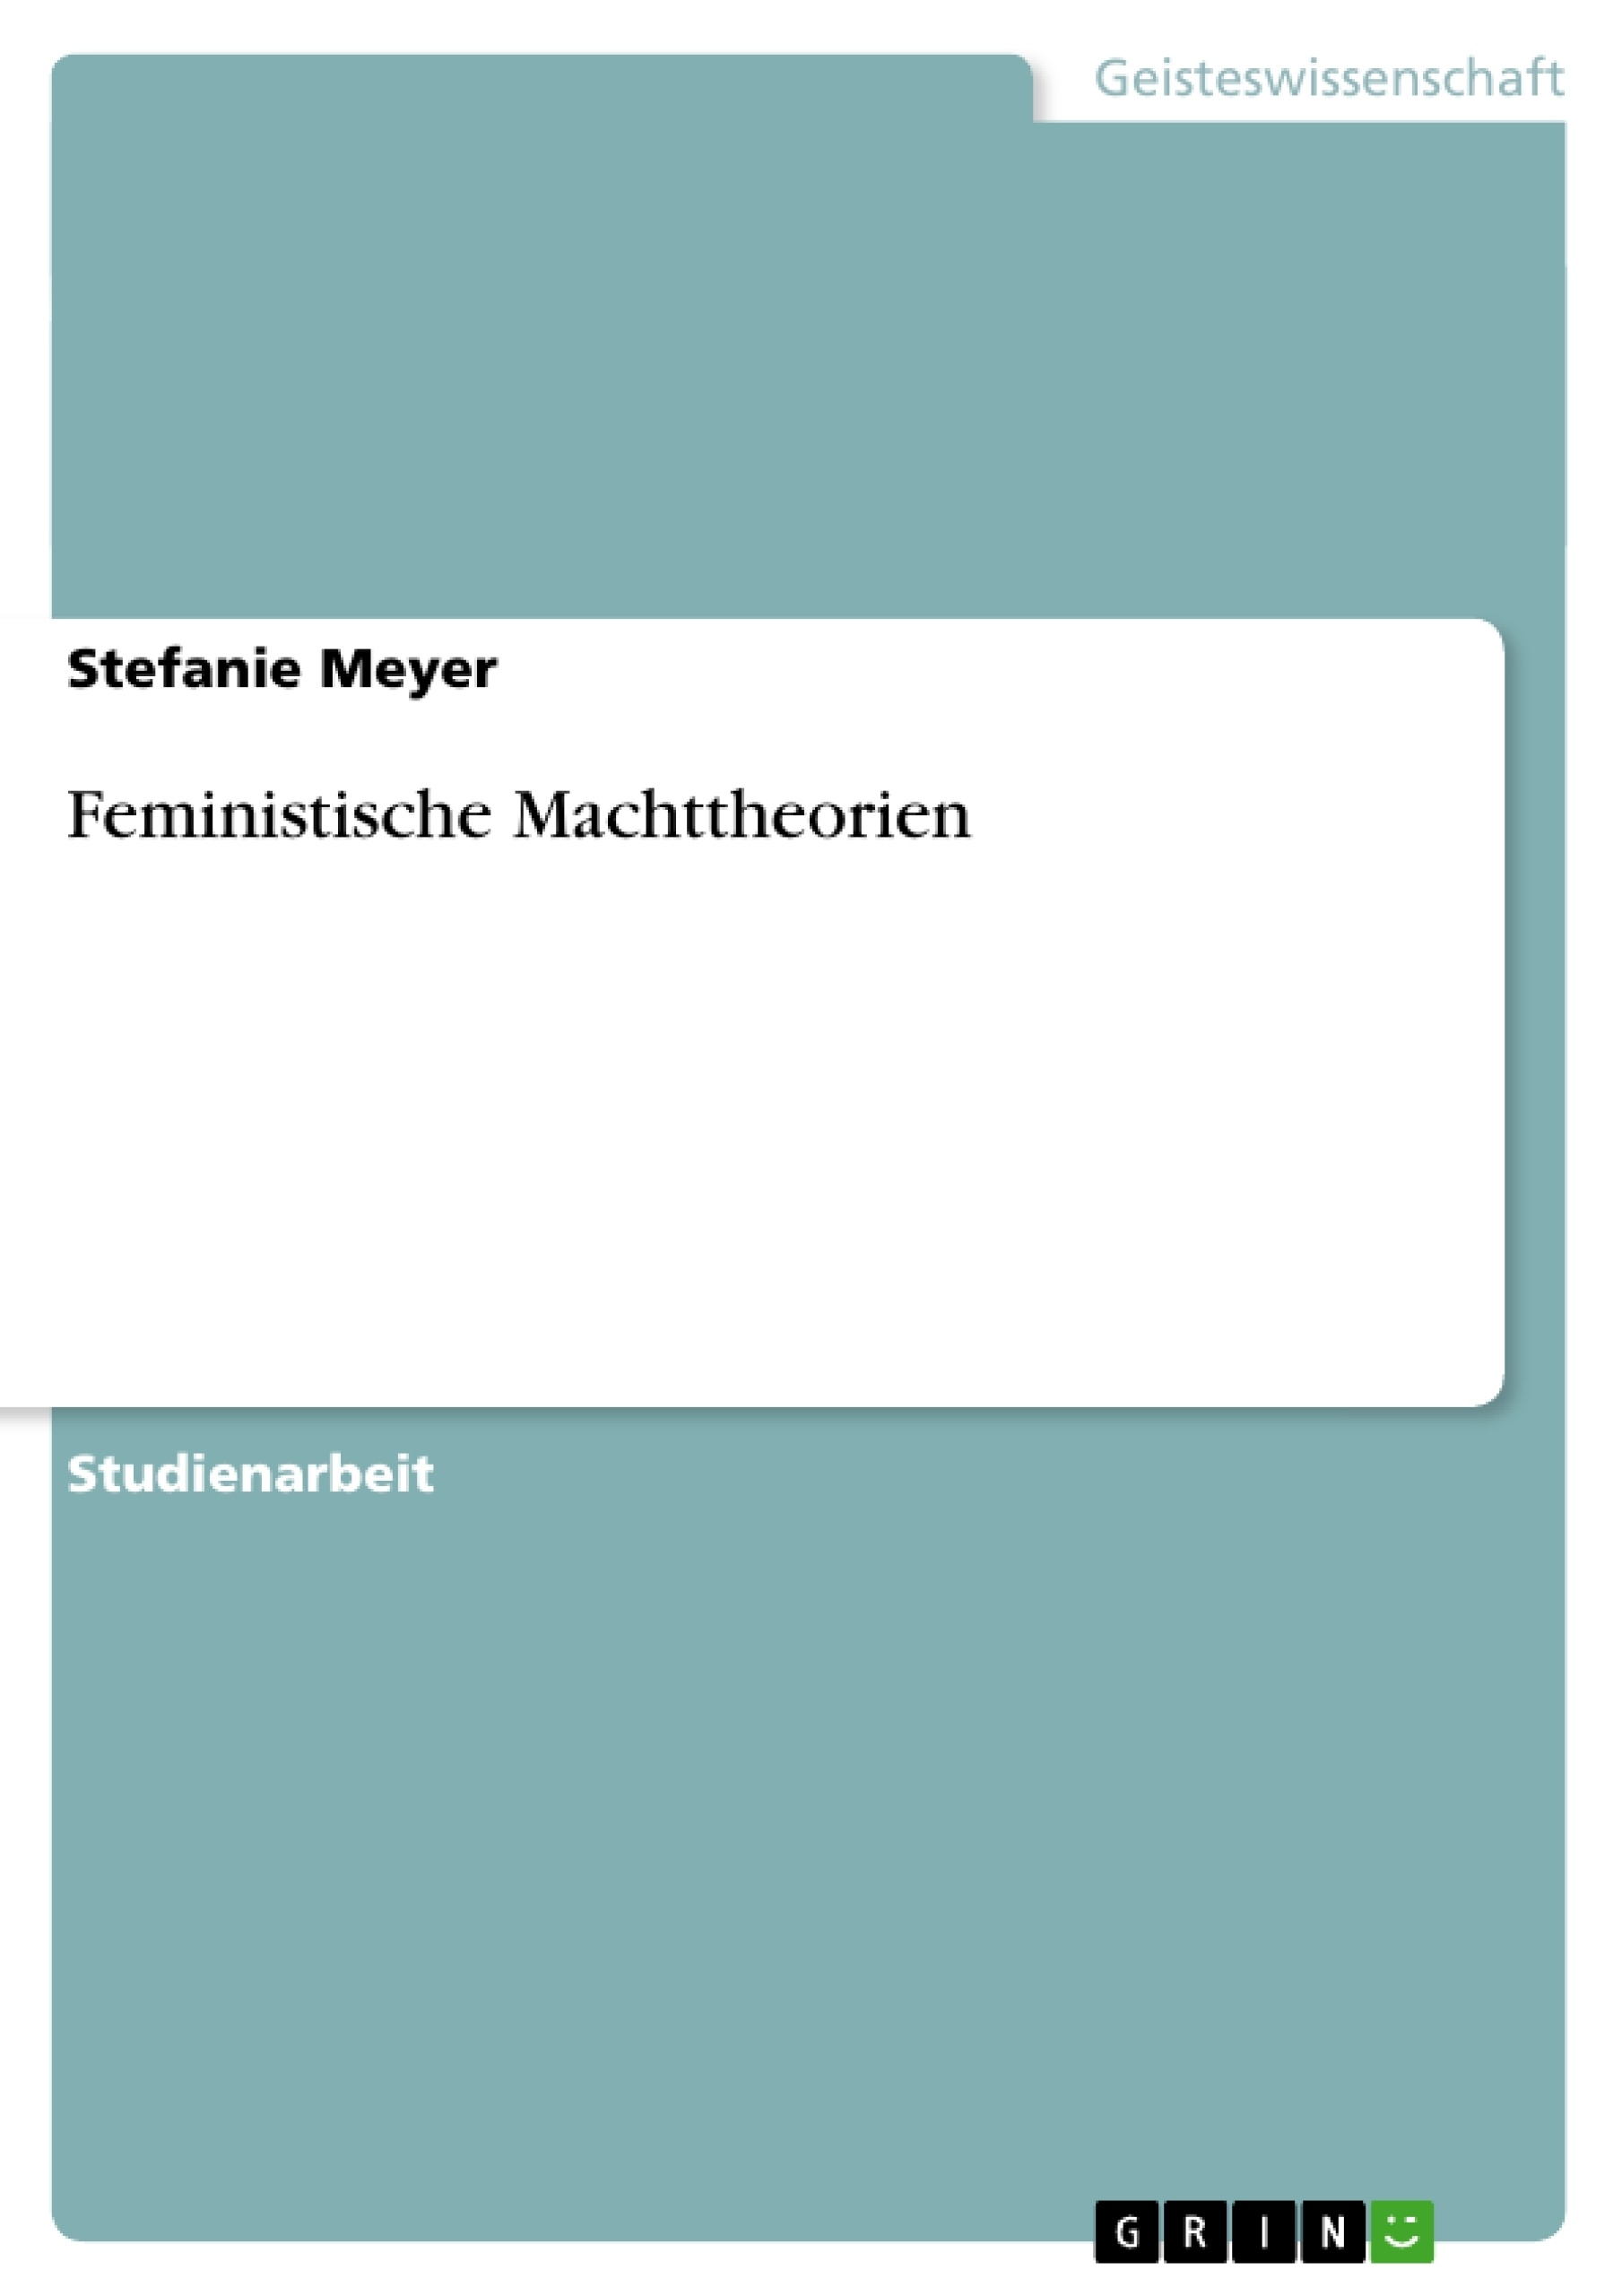 Titel: Feministische Machttheorien